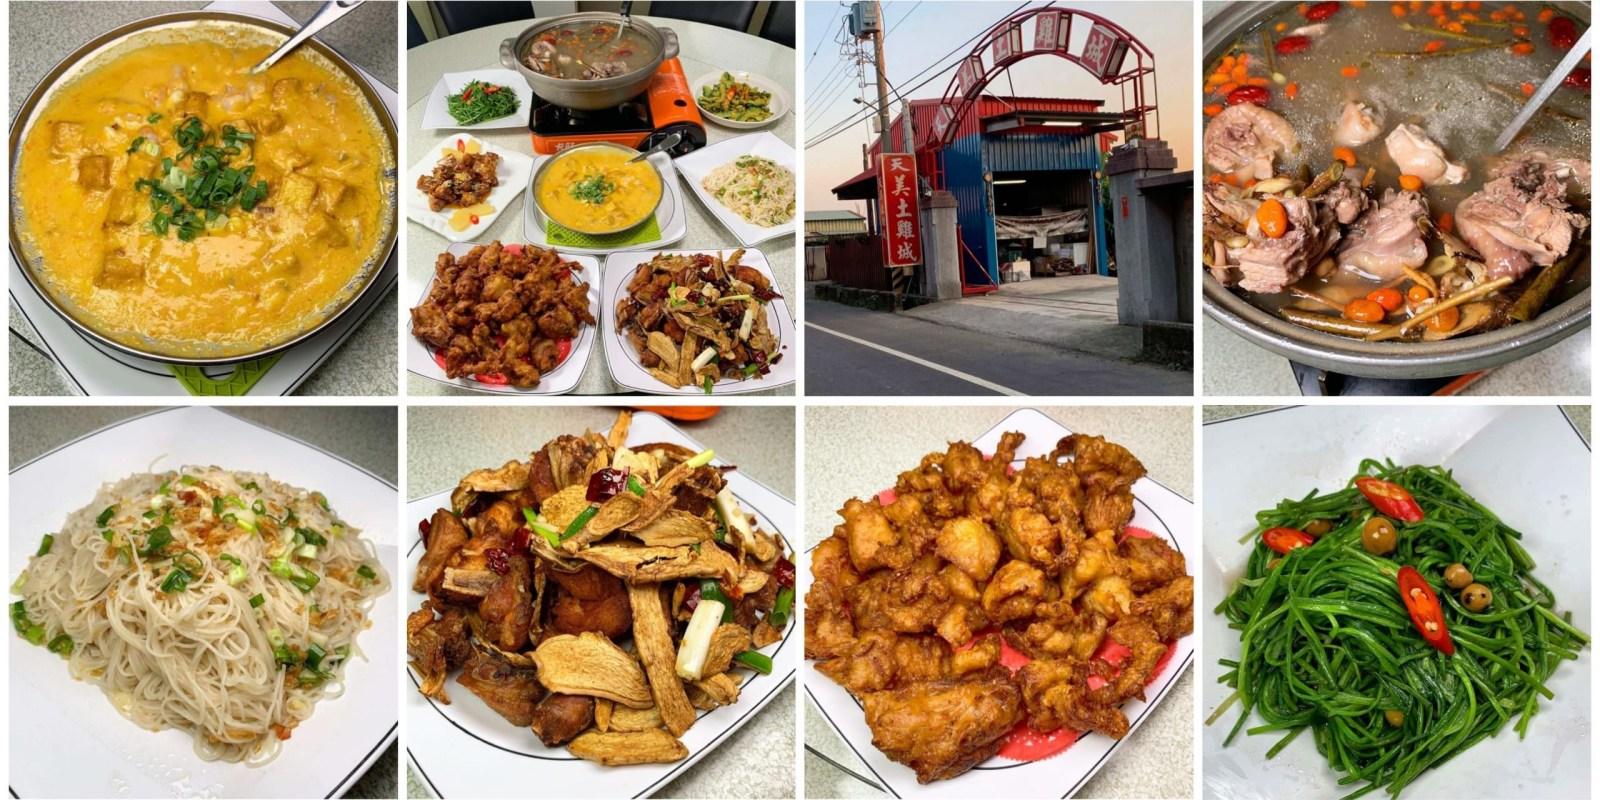 [台南美食] 天美土雞城 - 在86快速道路橋下是內行人才知道的土雞城!